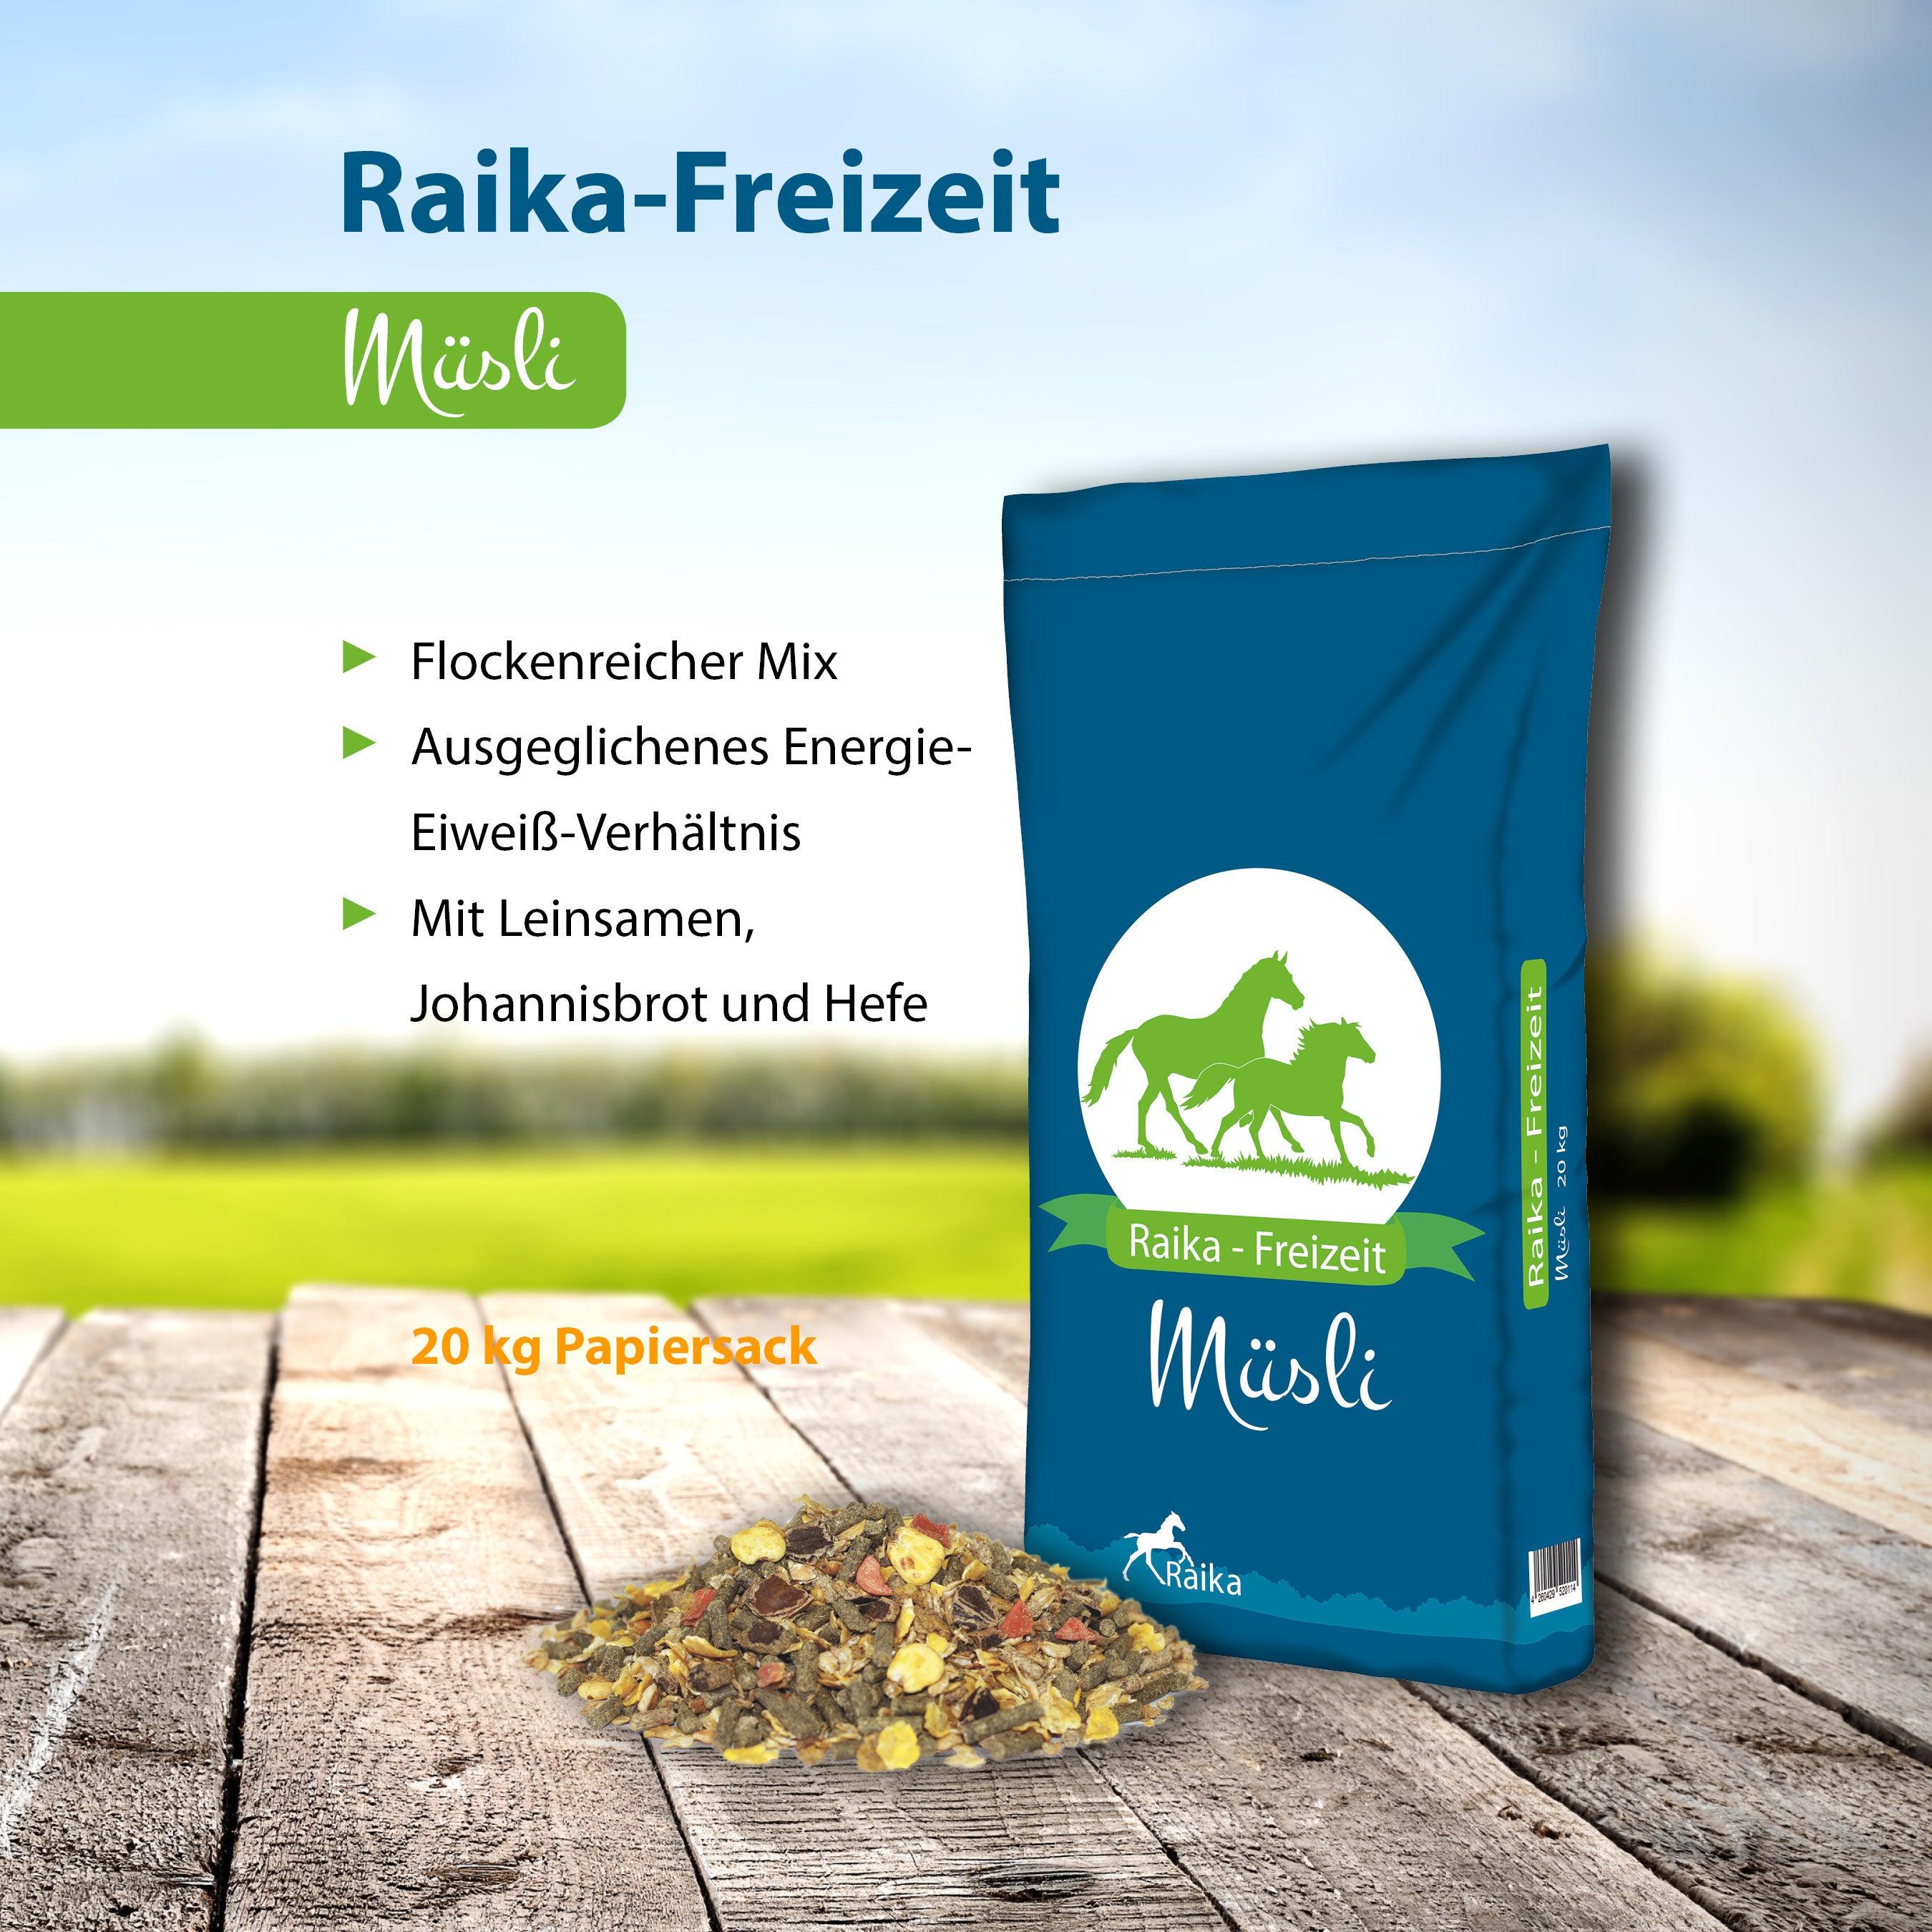 Raika-Freizeit Müsli Pferdefutter